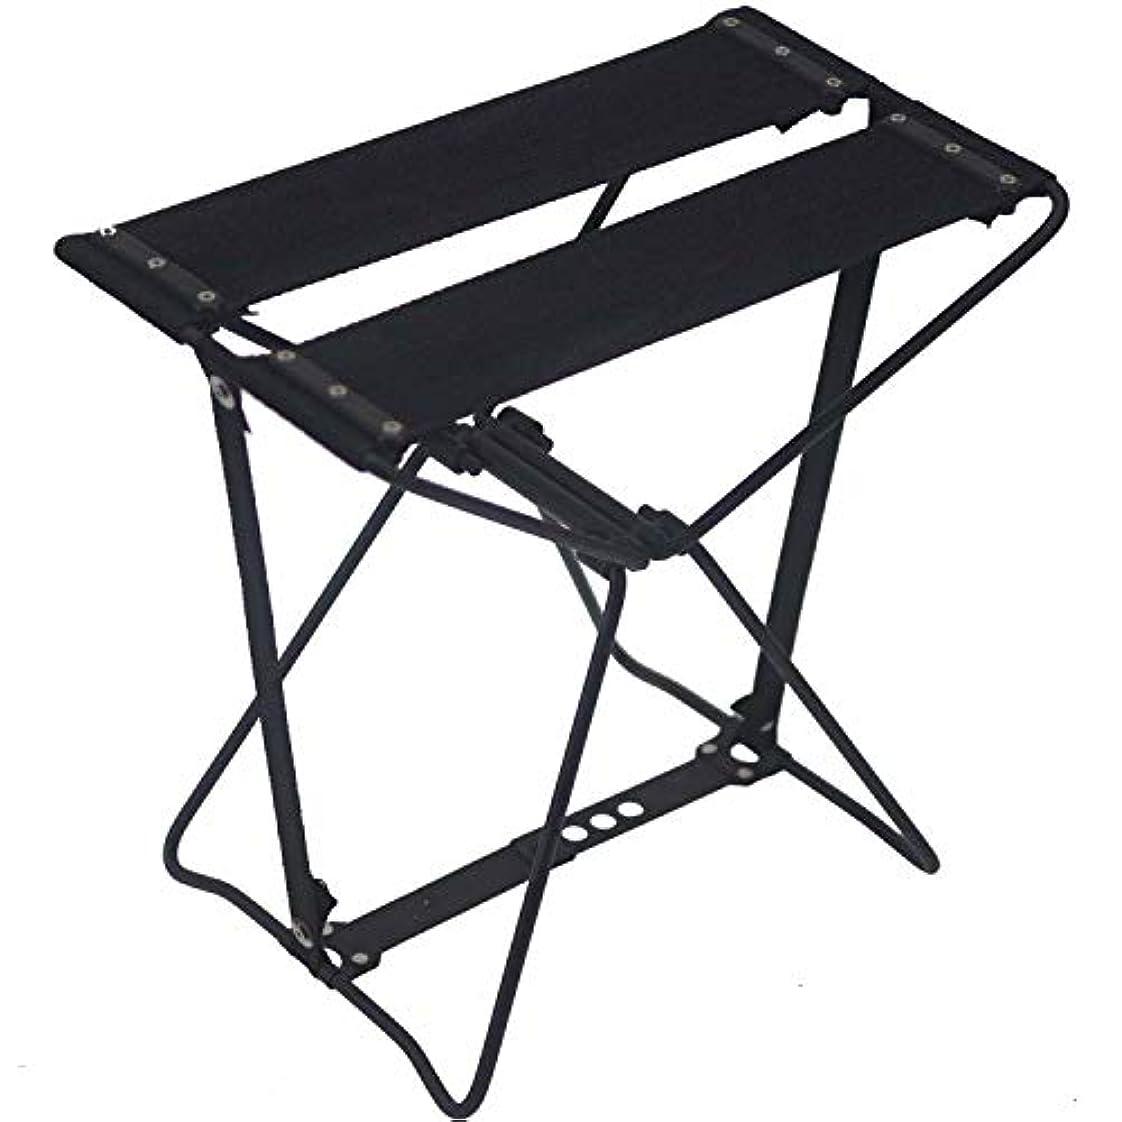 彼らは下る雇用者旅行に 行楽に どこでもチェア 椅子 黒 専用バッグ付 レジャー アウトドアー 携帯 折り畳み椅子 高さ285mm 頑丈 コンパクト 軽量 持ち運び保管楽